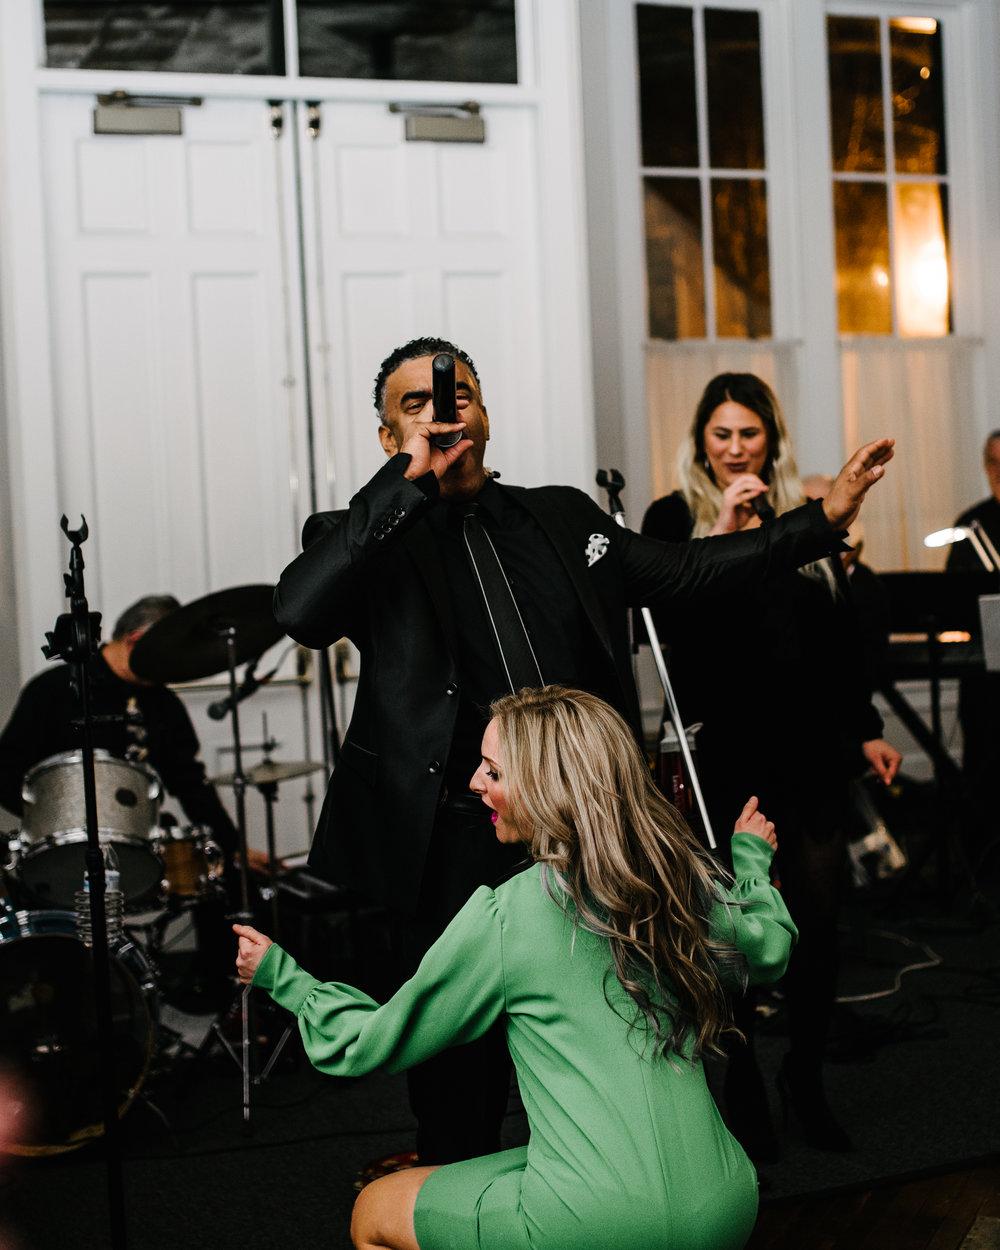 agpcollective_barlettowedding_excelsiorlancaster_dancing-9881.jpg